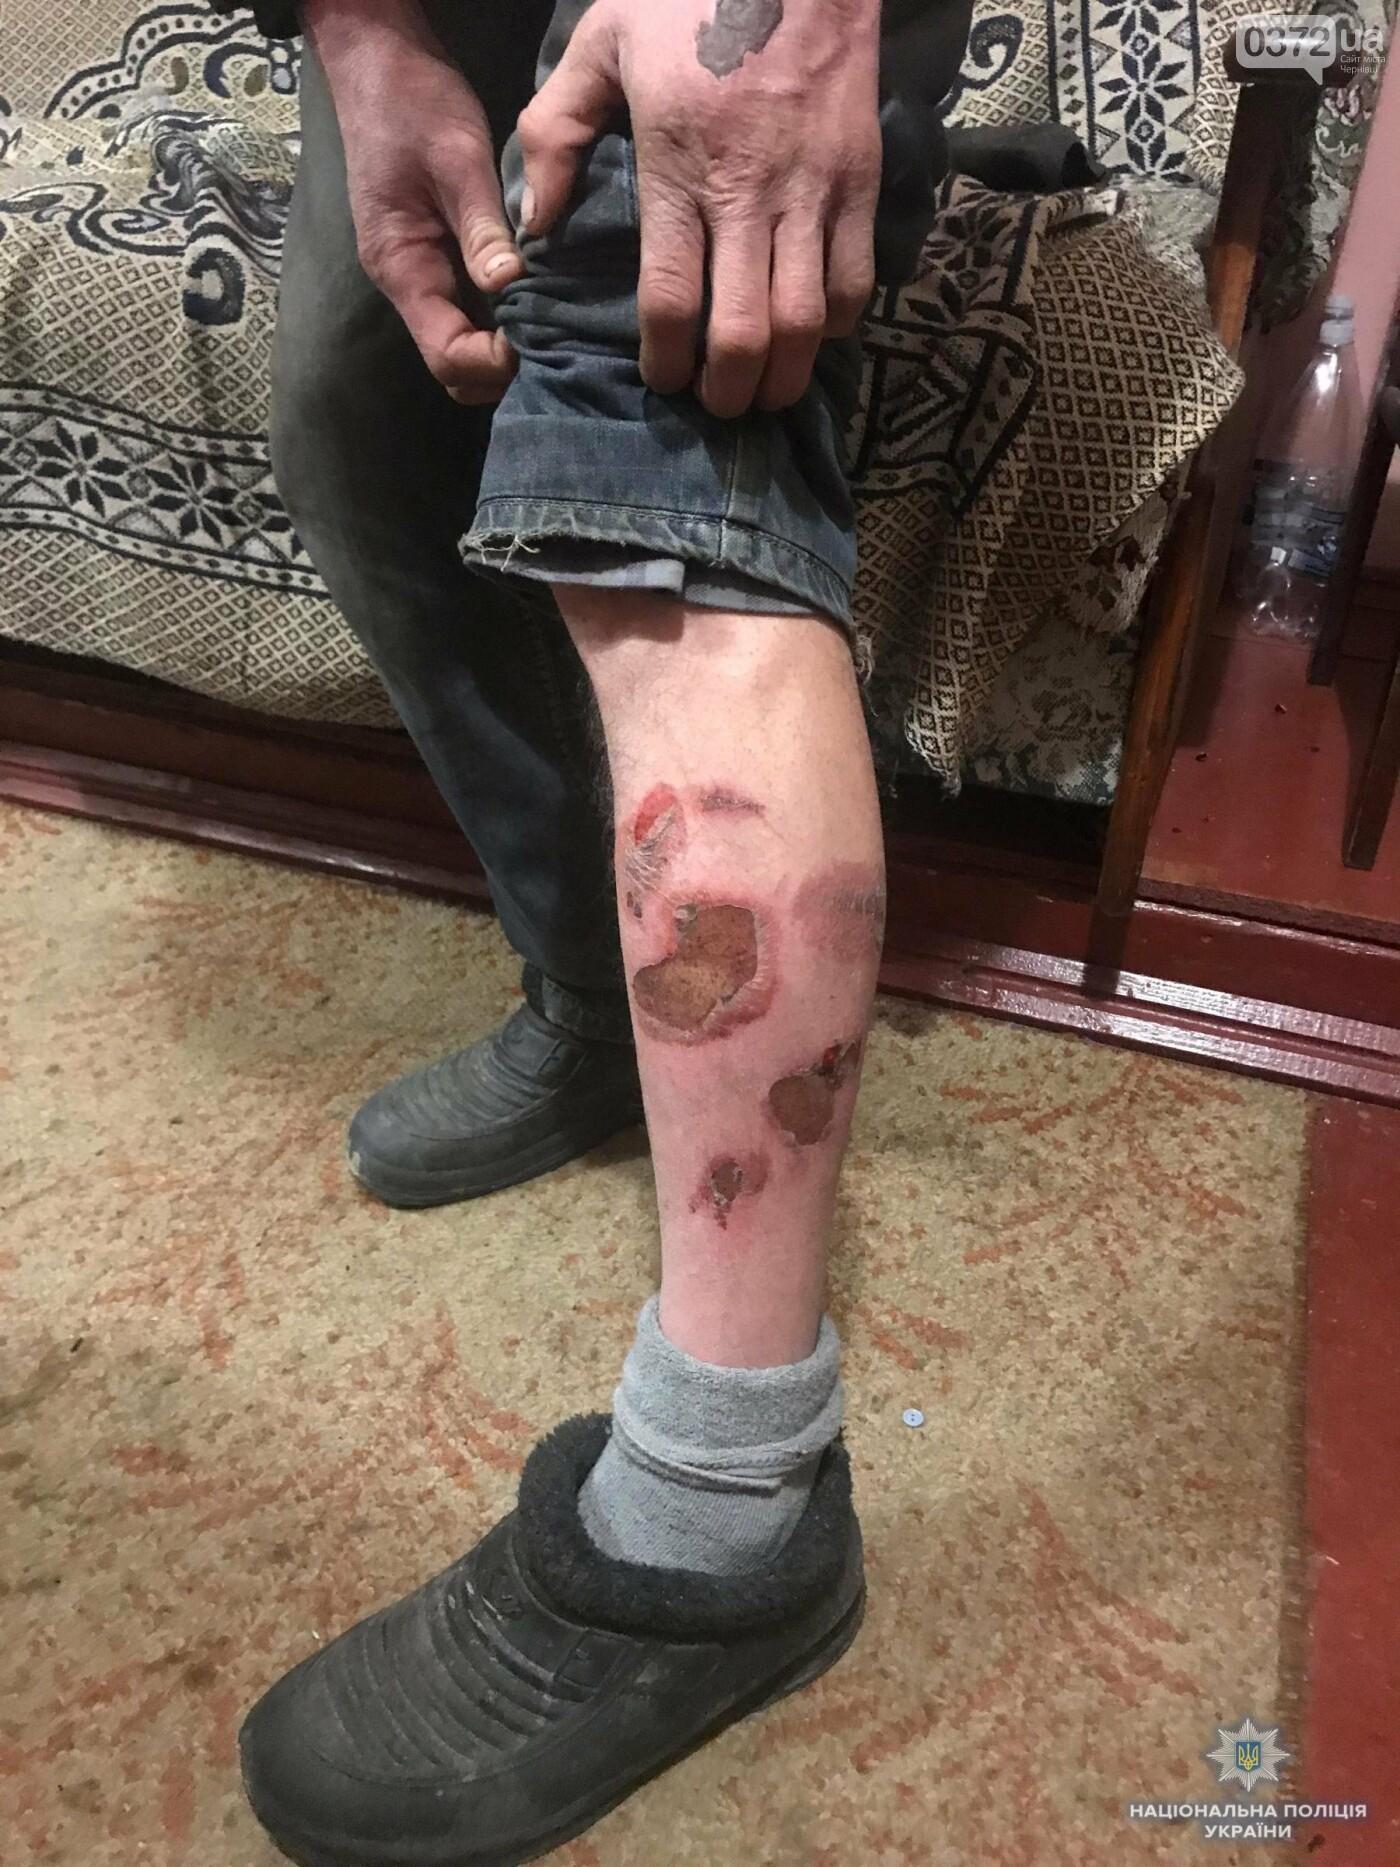 На Буковині чоловік утримував та жорстоко катував свого односельчанина (фото 18+), фото-1